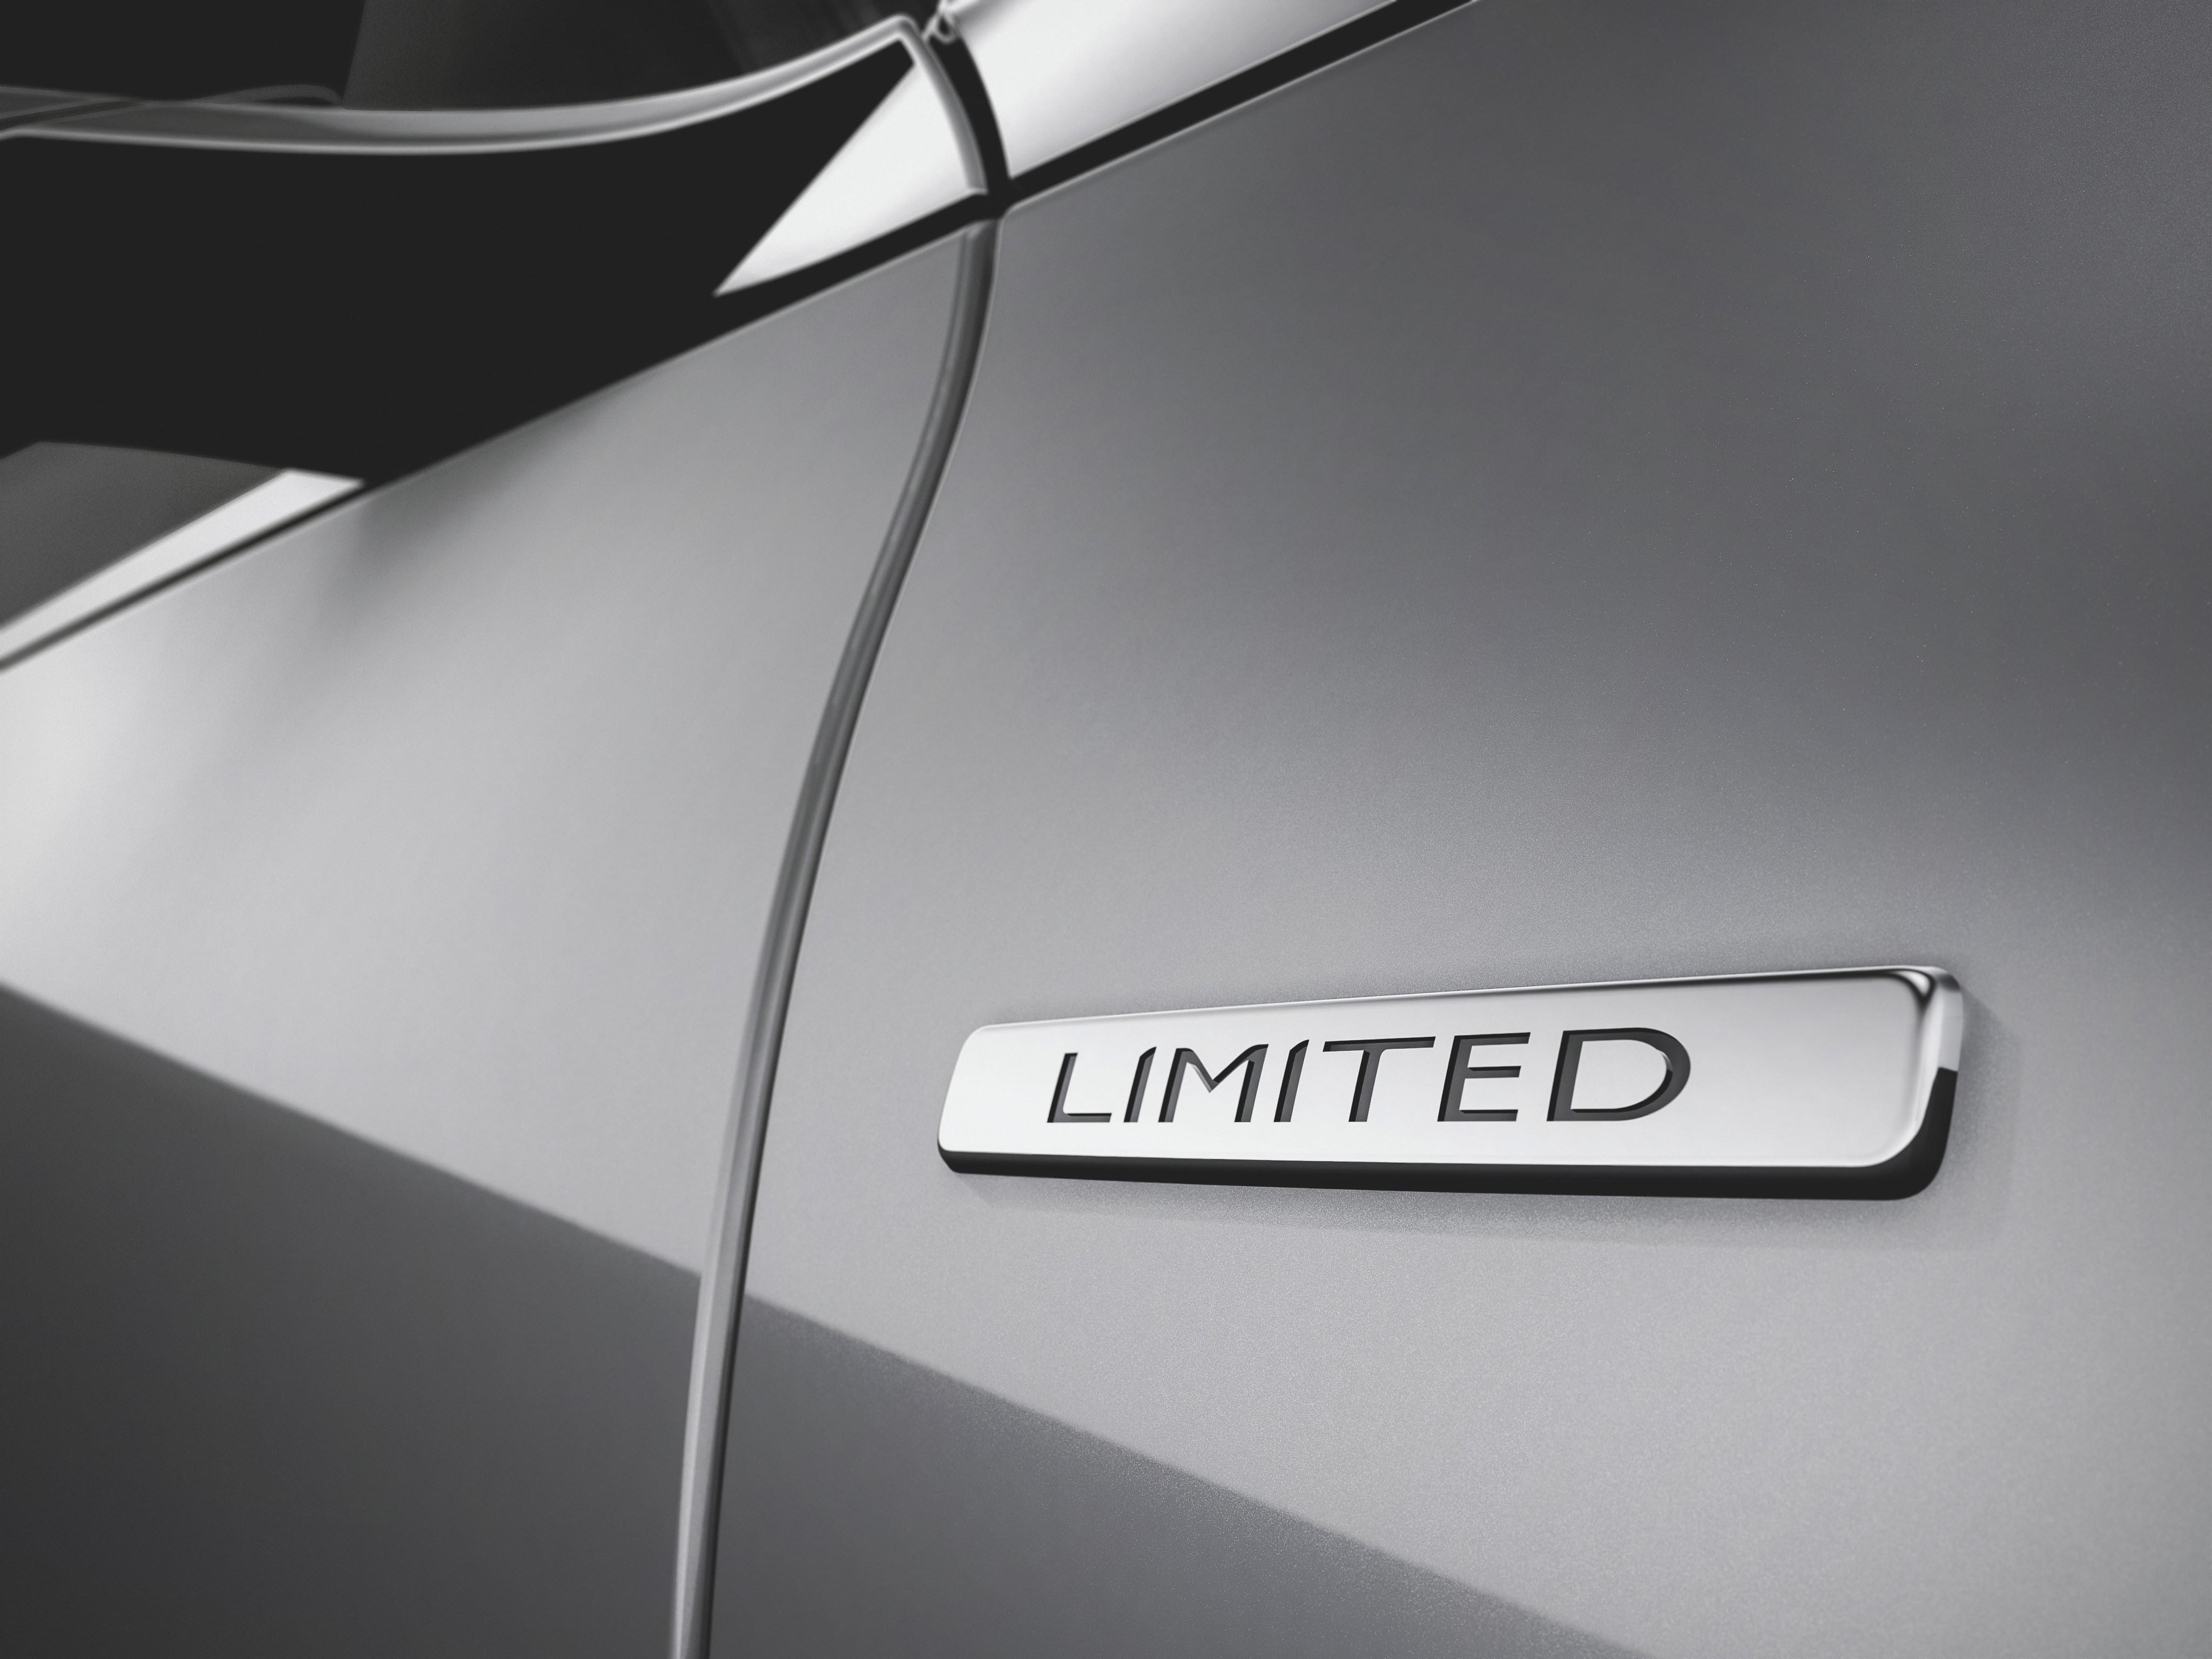 2018 - Renault SCENIC Série Limitée Limited